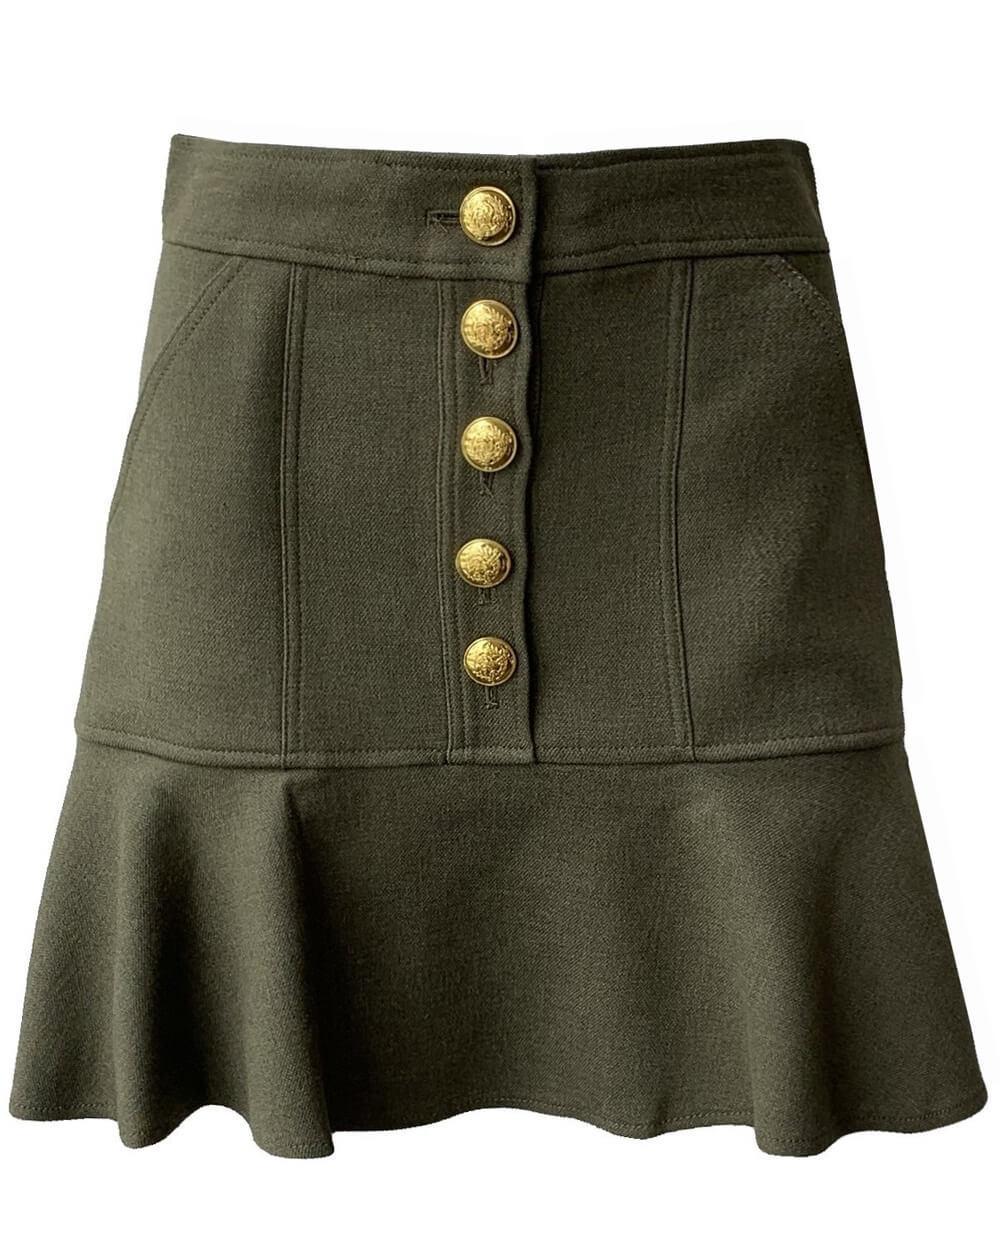 Marnell Skirt Item # 3SKRT00287-C